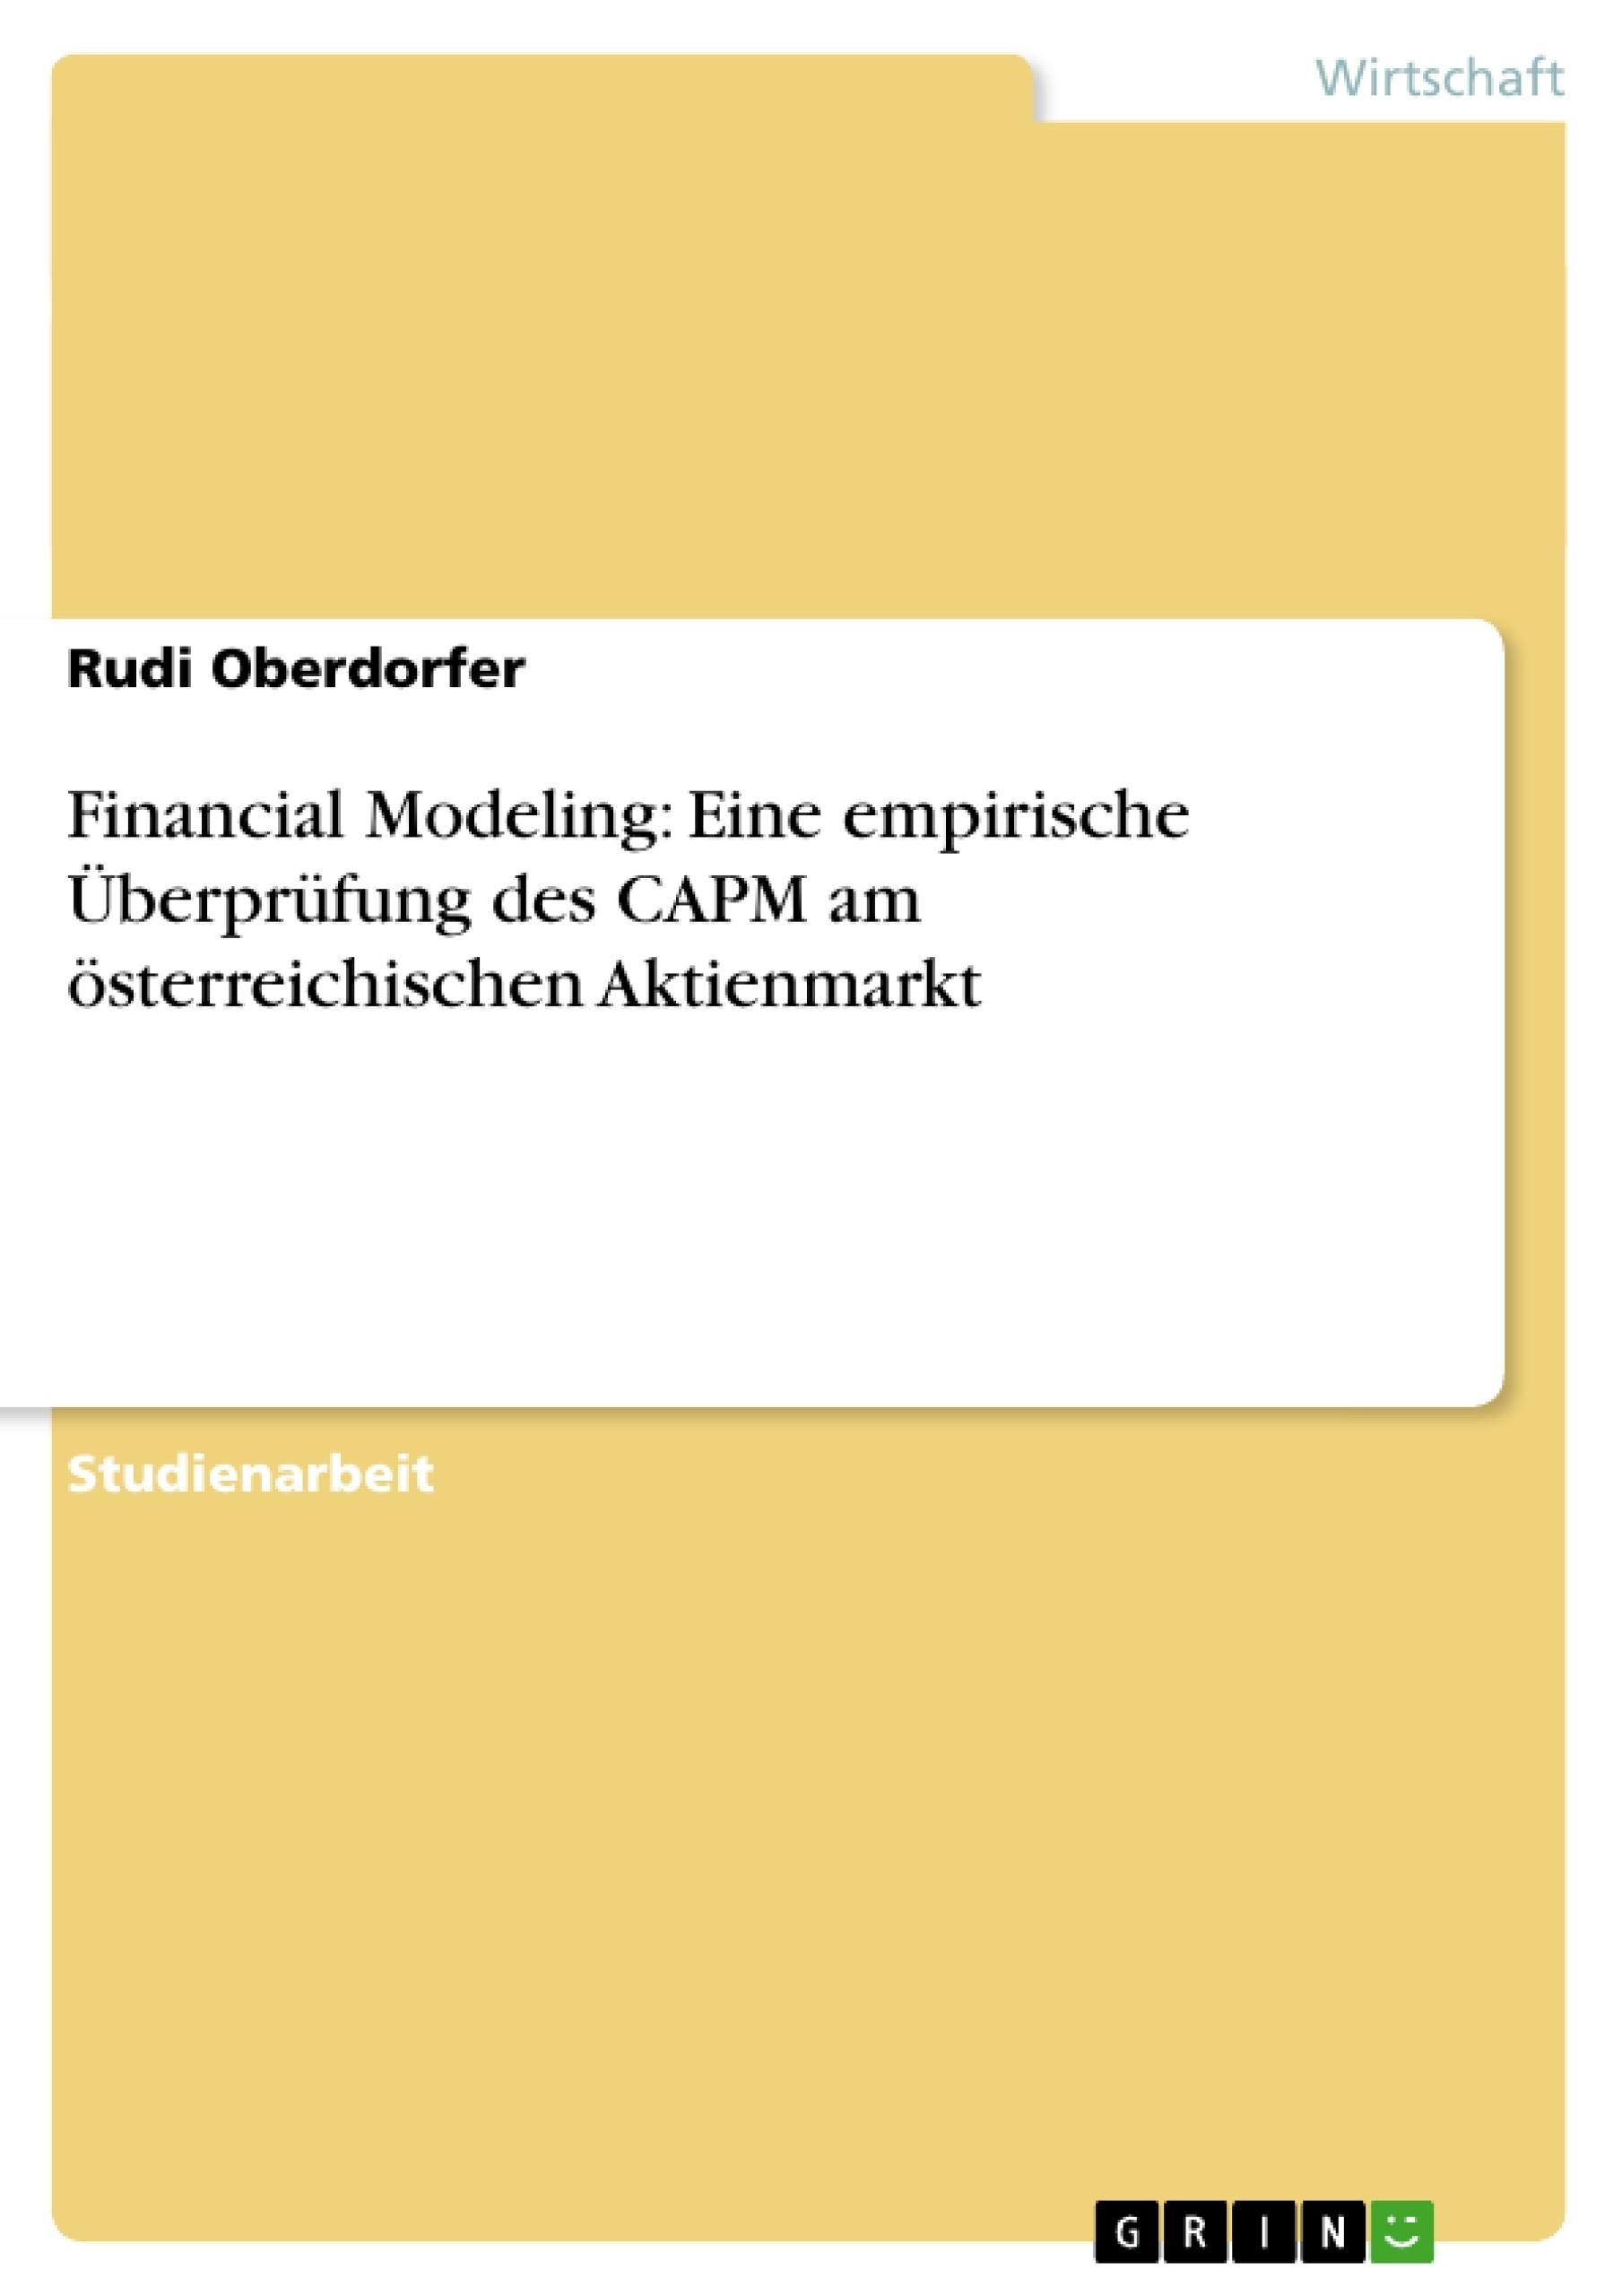 Titel: Financial Modeling: Eine empirische Überprüfung des CAPM am österreichischen Aktienmarkt